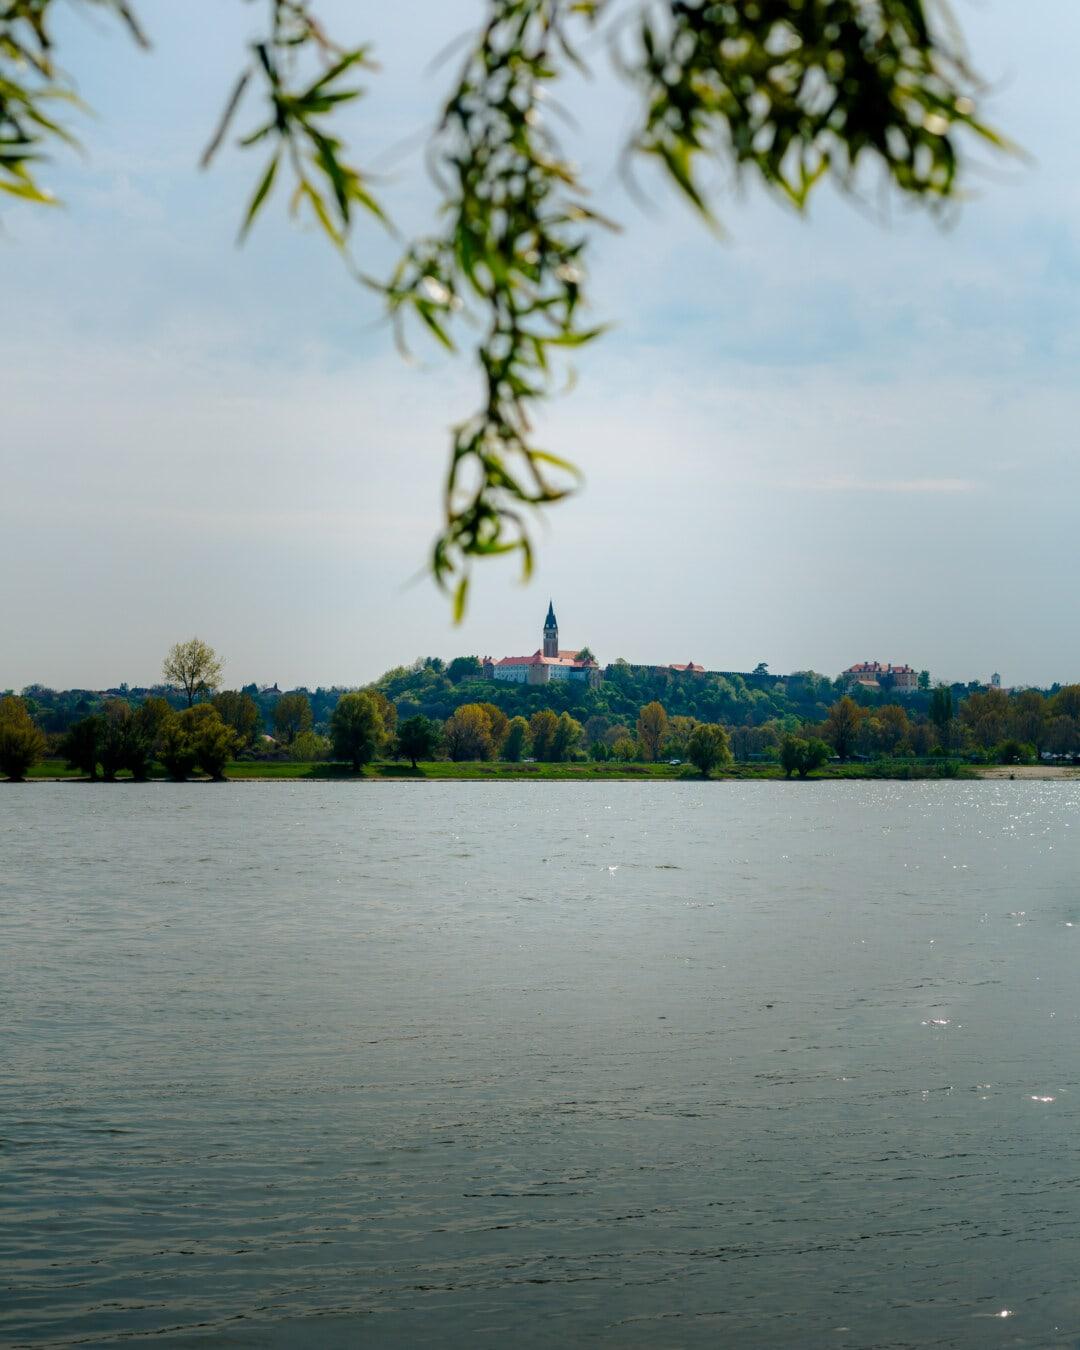 idyllic, lakeside, placid, coast, water, tree, landscape, lake, nature, reflection